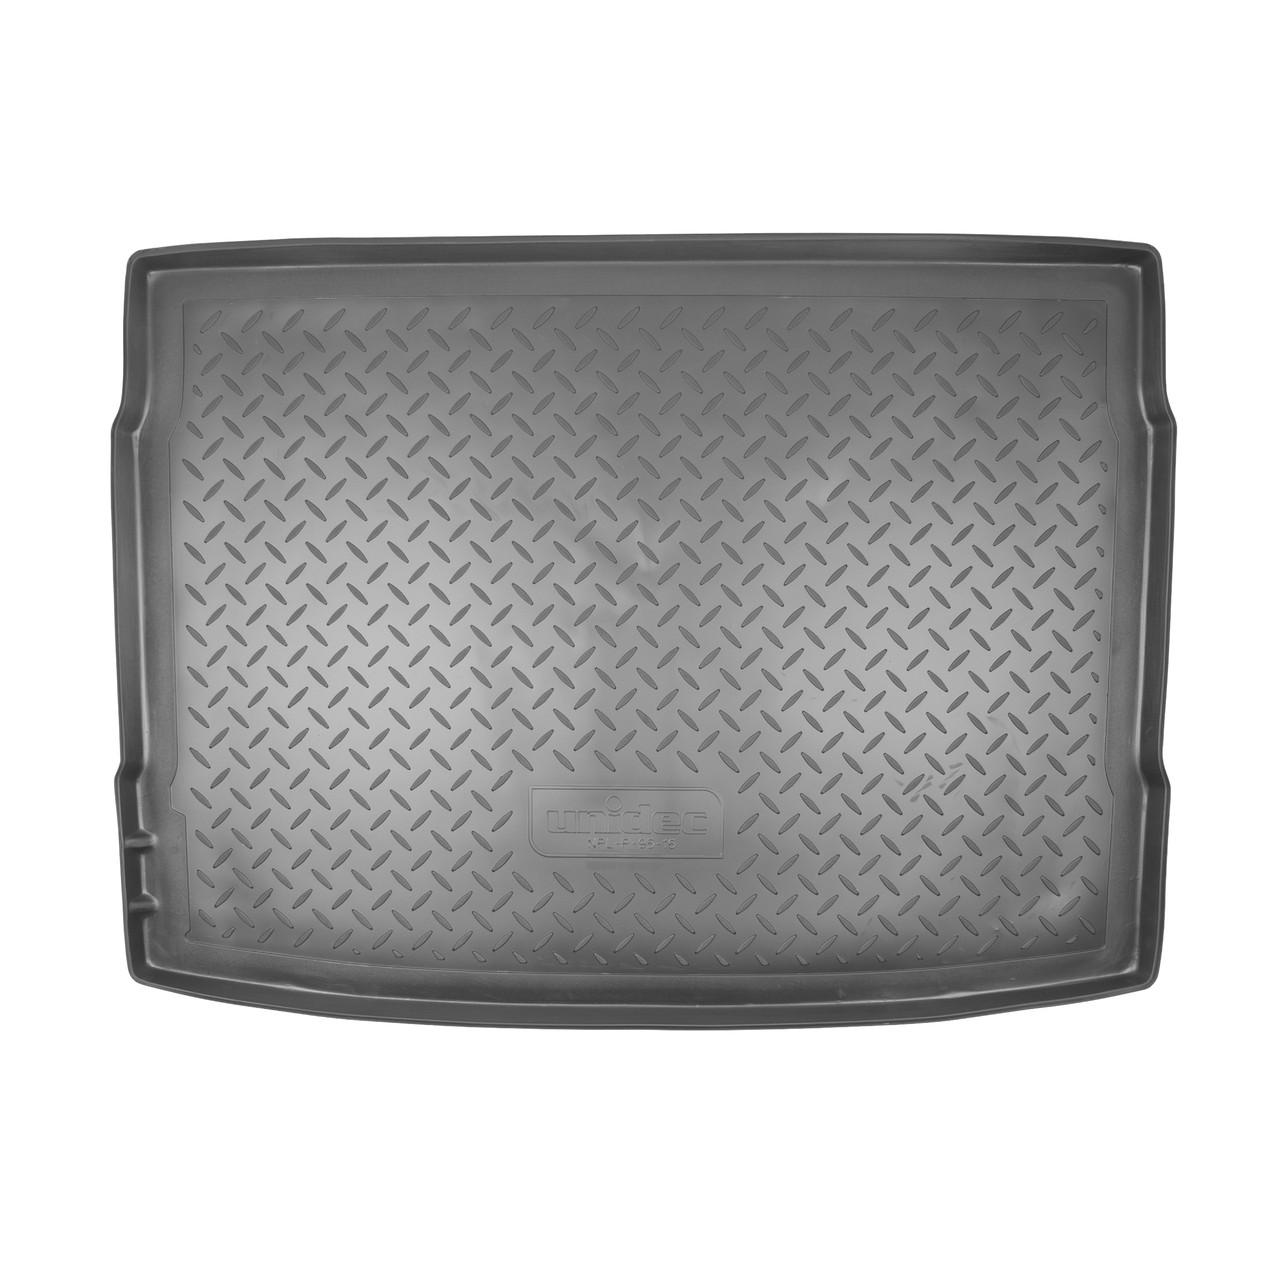 Коврик в багажник Volkswagen Golf VI HB (2009-2013)